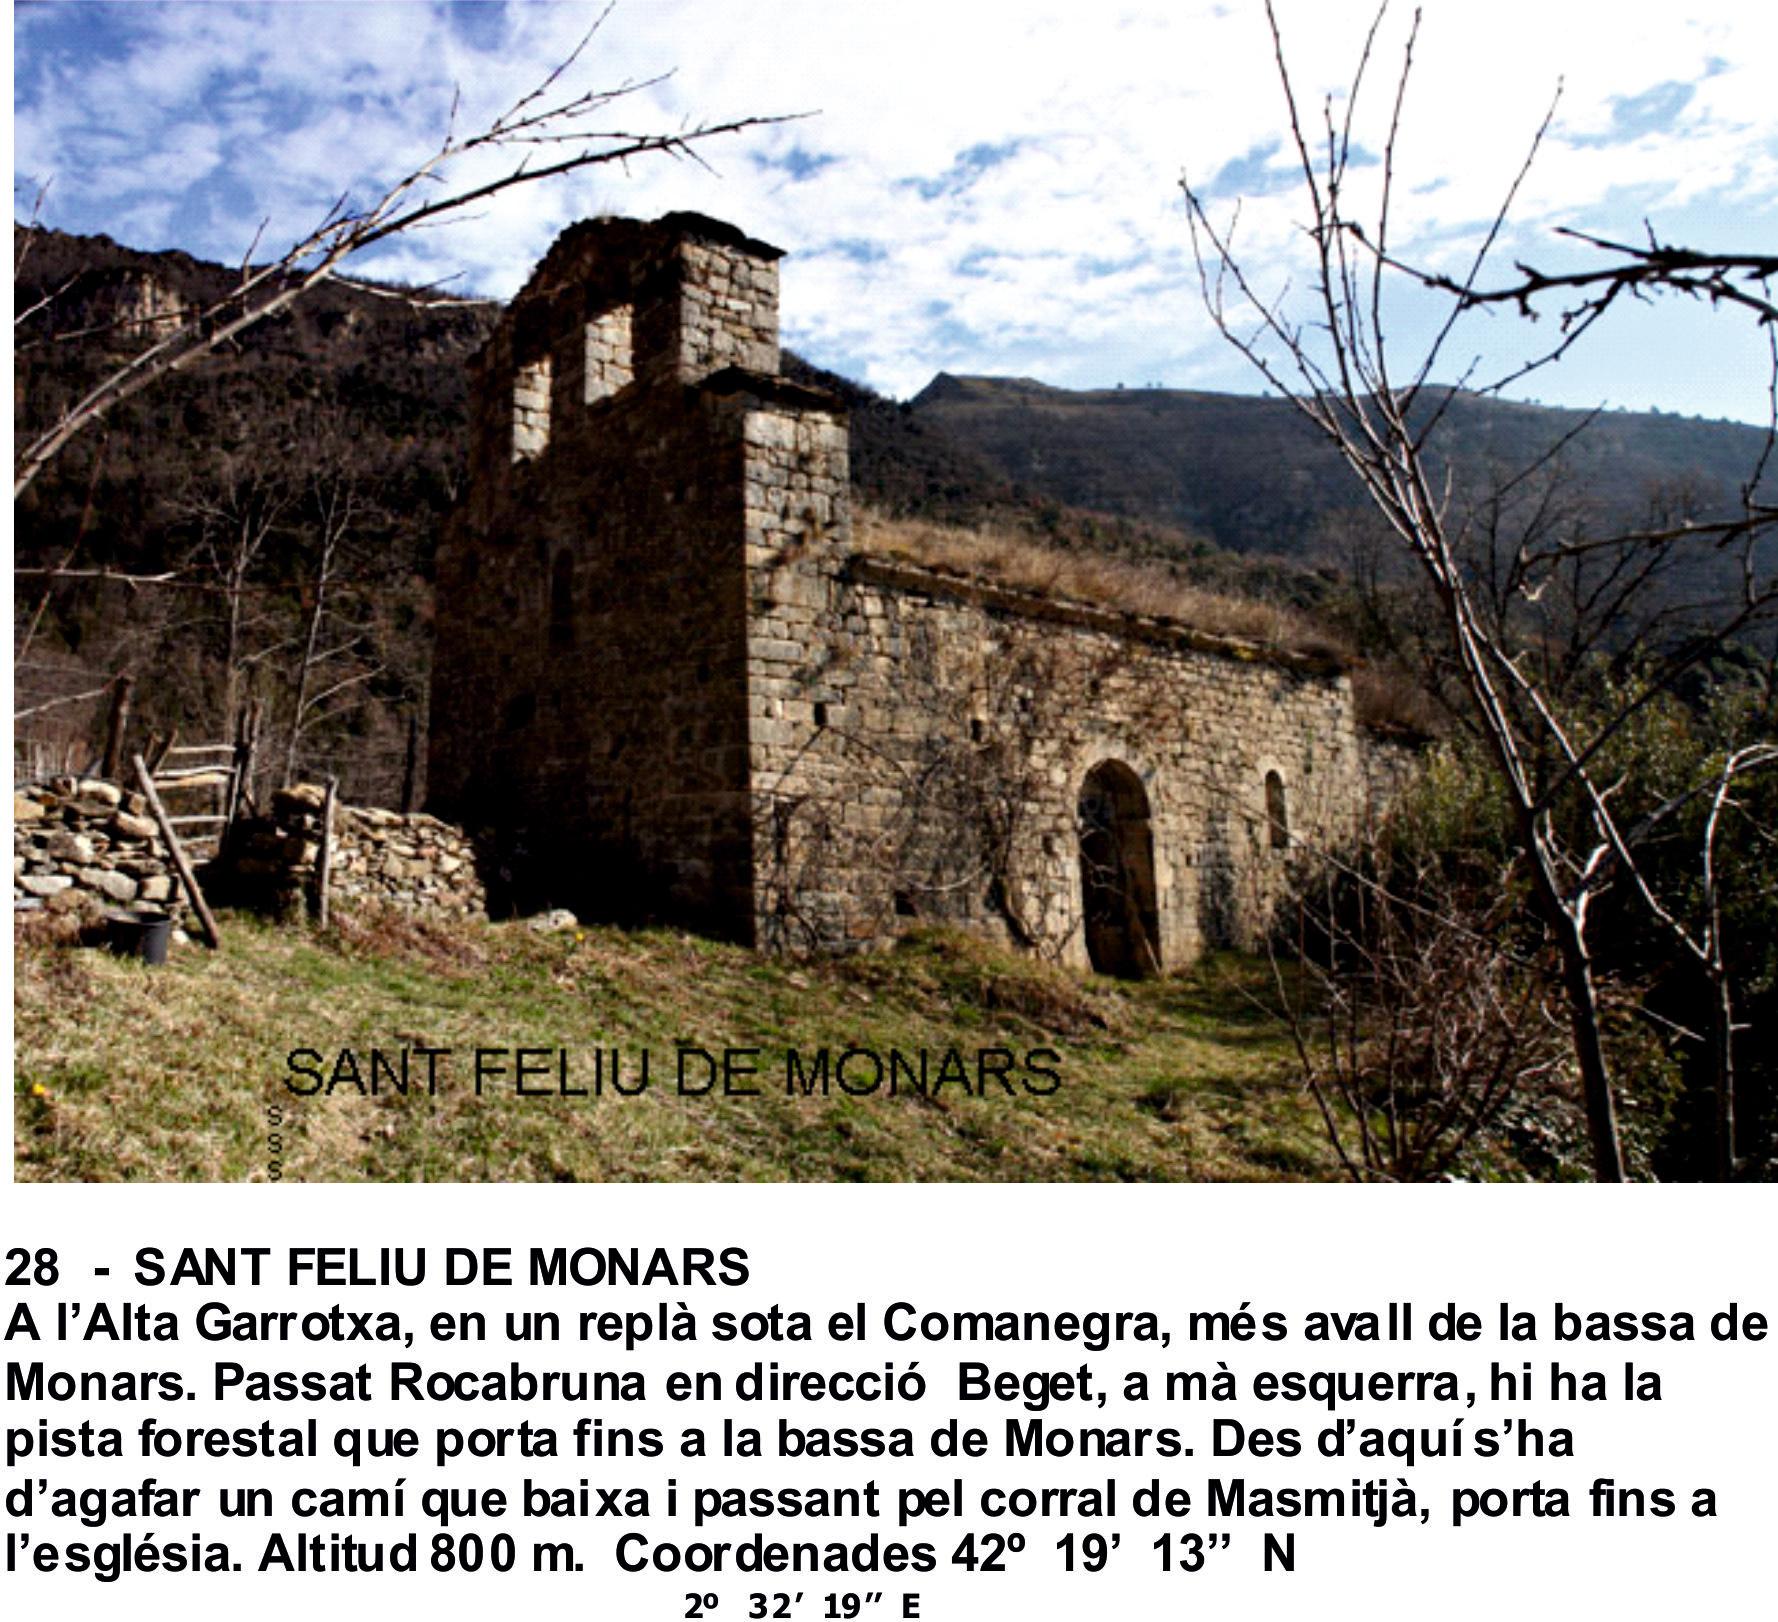 28  -  SANT FELIU DE MONARS